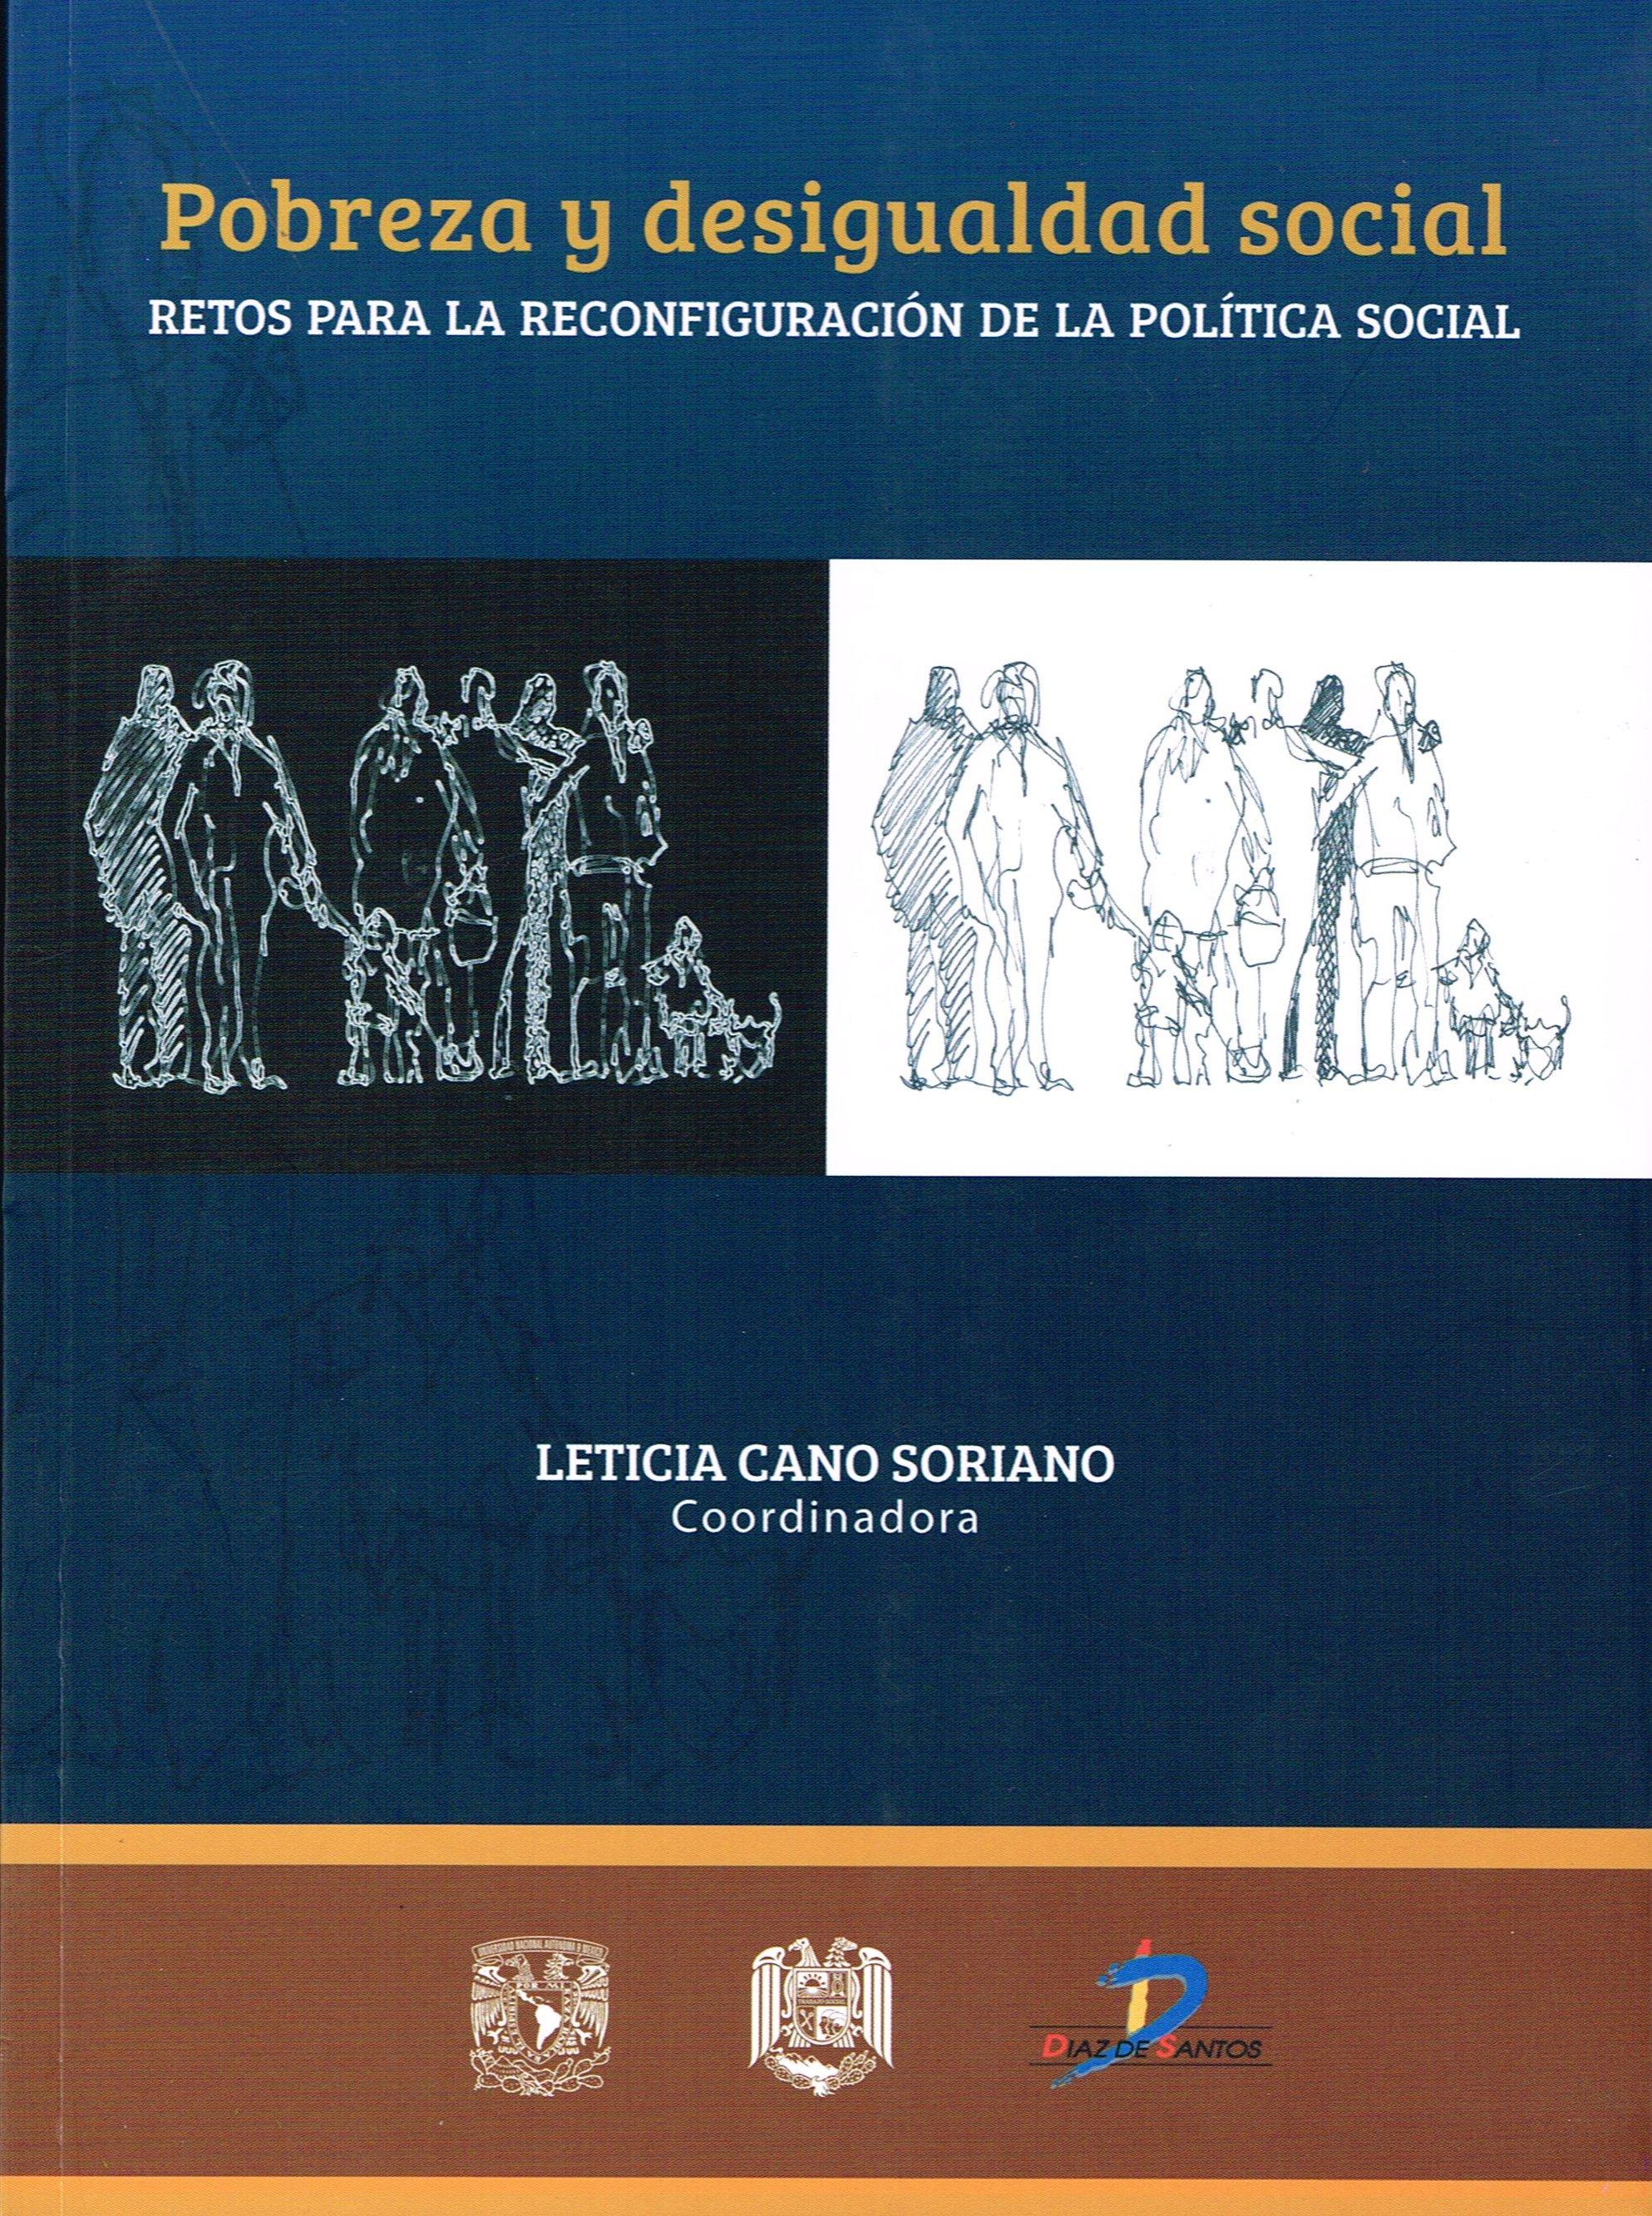 Pobreza y desigualdad social. Retos para la reconfiguración de la política social